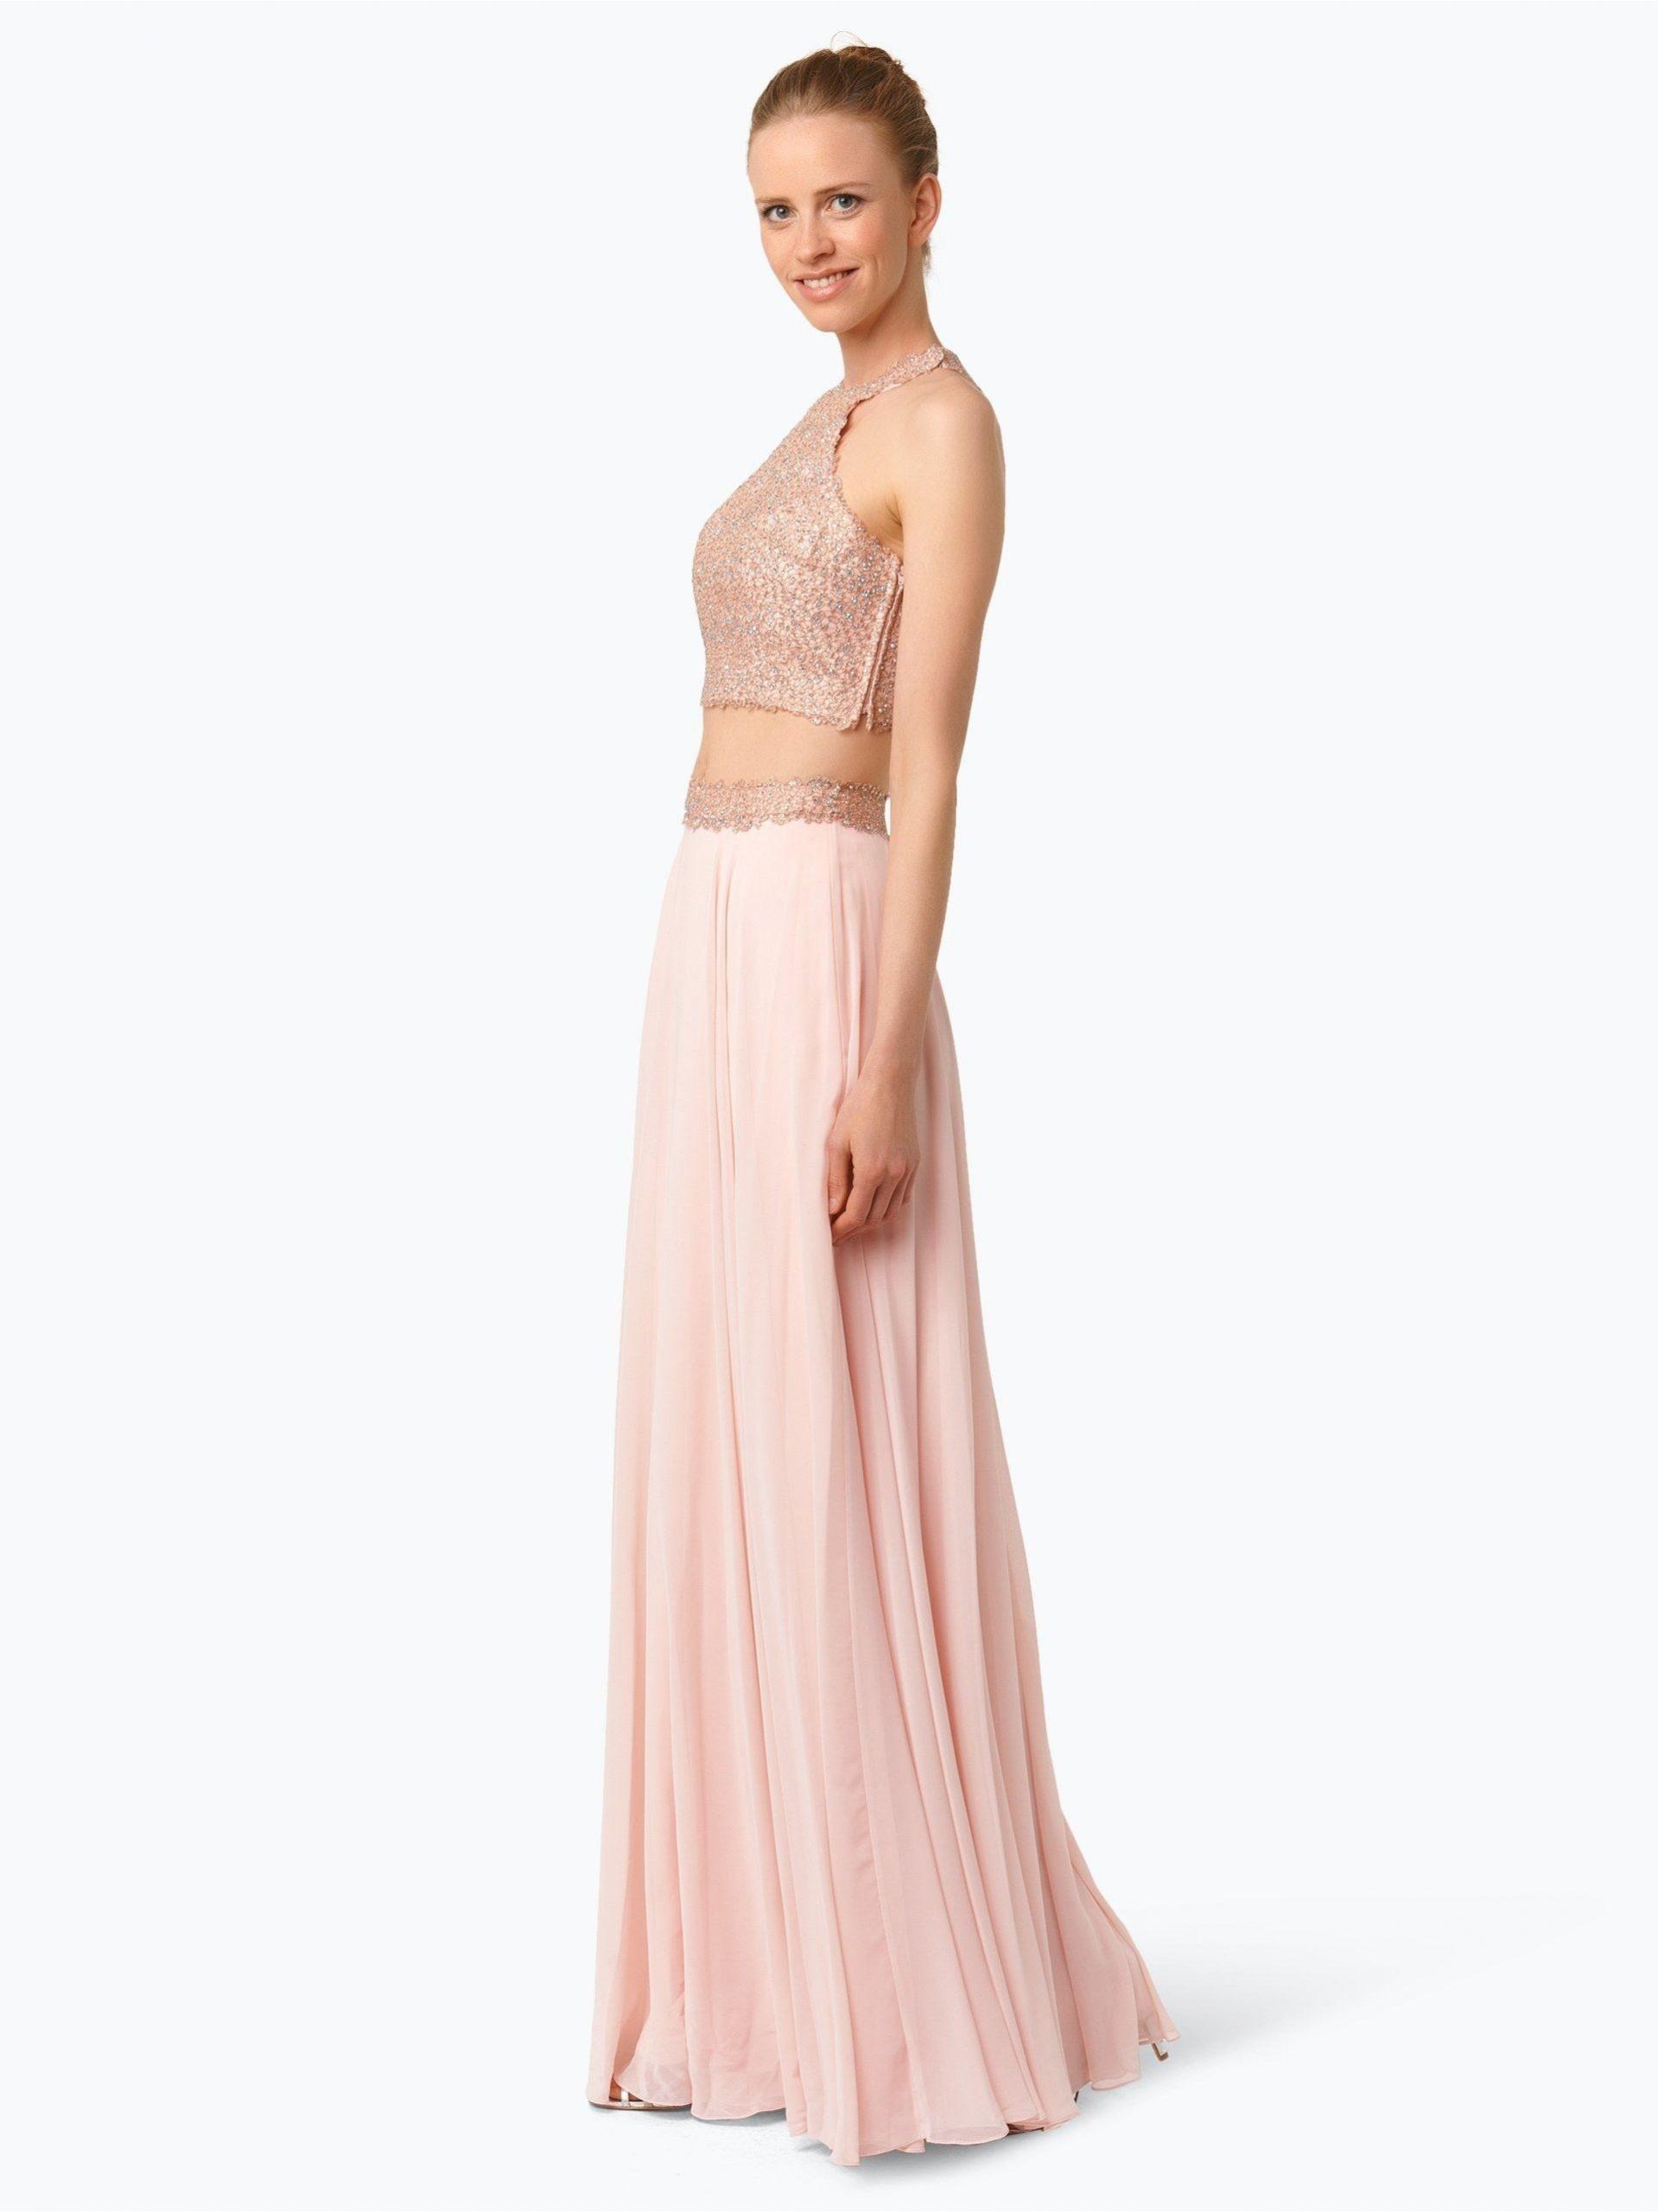 13 Spektakulär Abendkleid Zweiteiler Bauchfrei Design15 Fantastisch Abendkleid Zweiteiler Bauchfrei Spezialgebiet